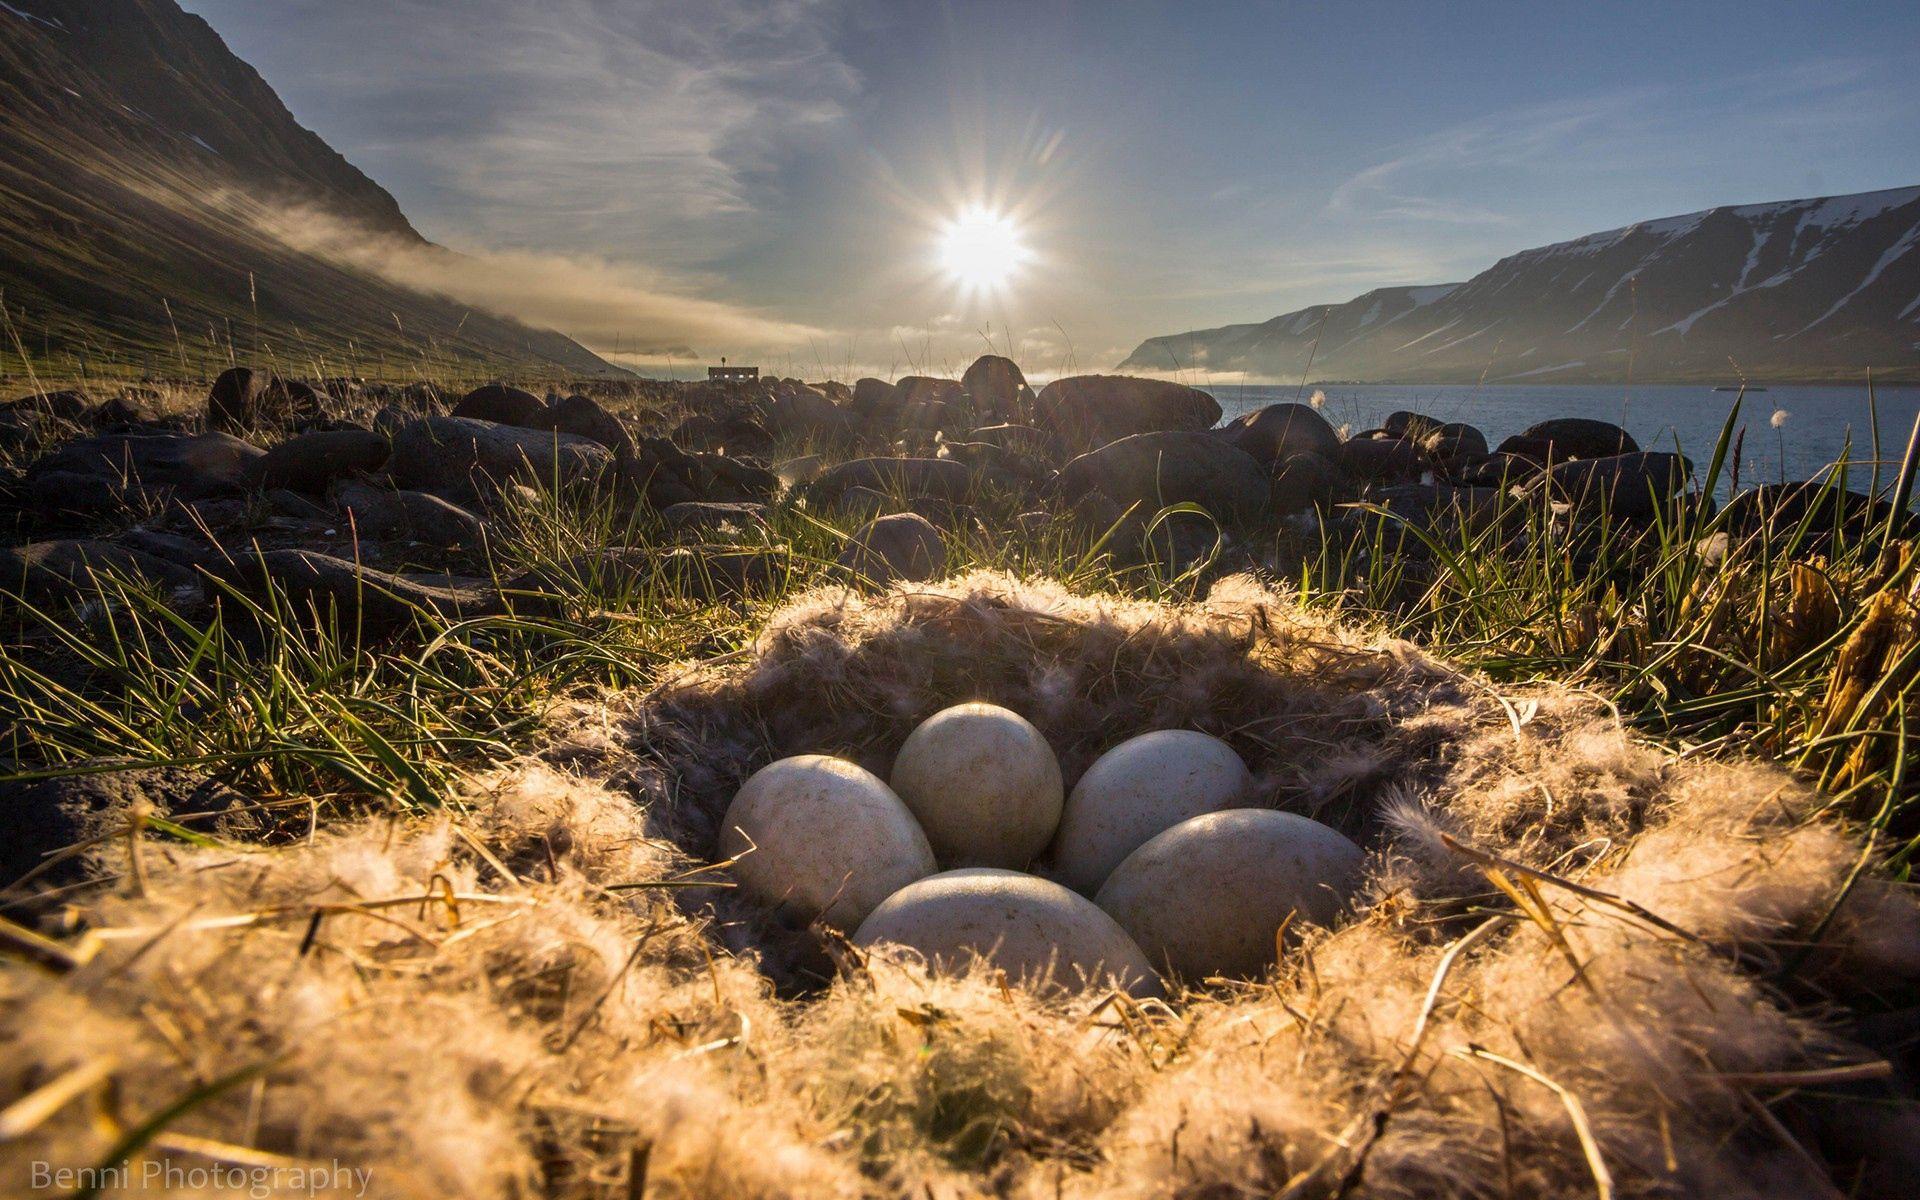 149507 Заставки и Обои Яйца на телефон. Скачать Природа, Трава, Яйца, Свет, Гнездо картинки бесплатно